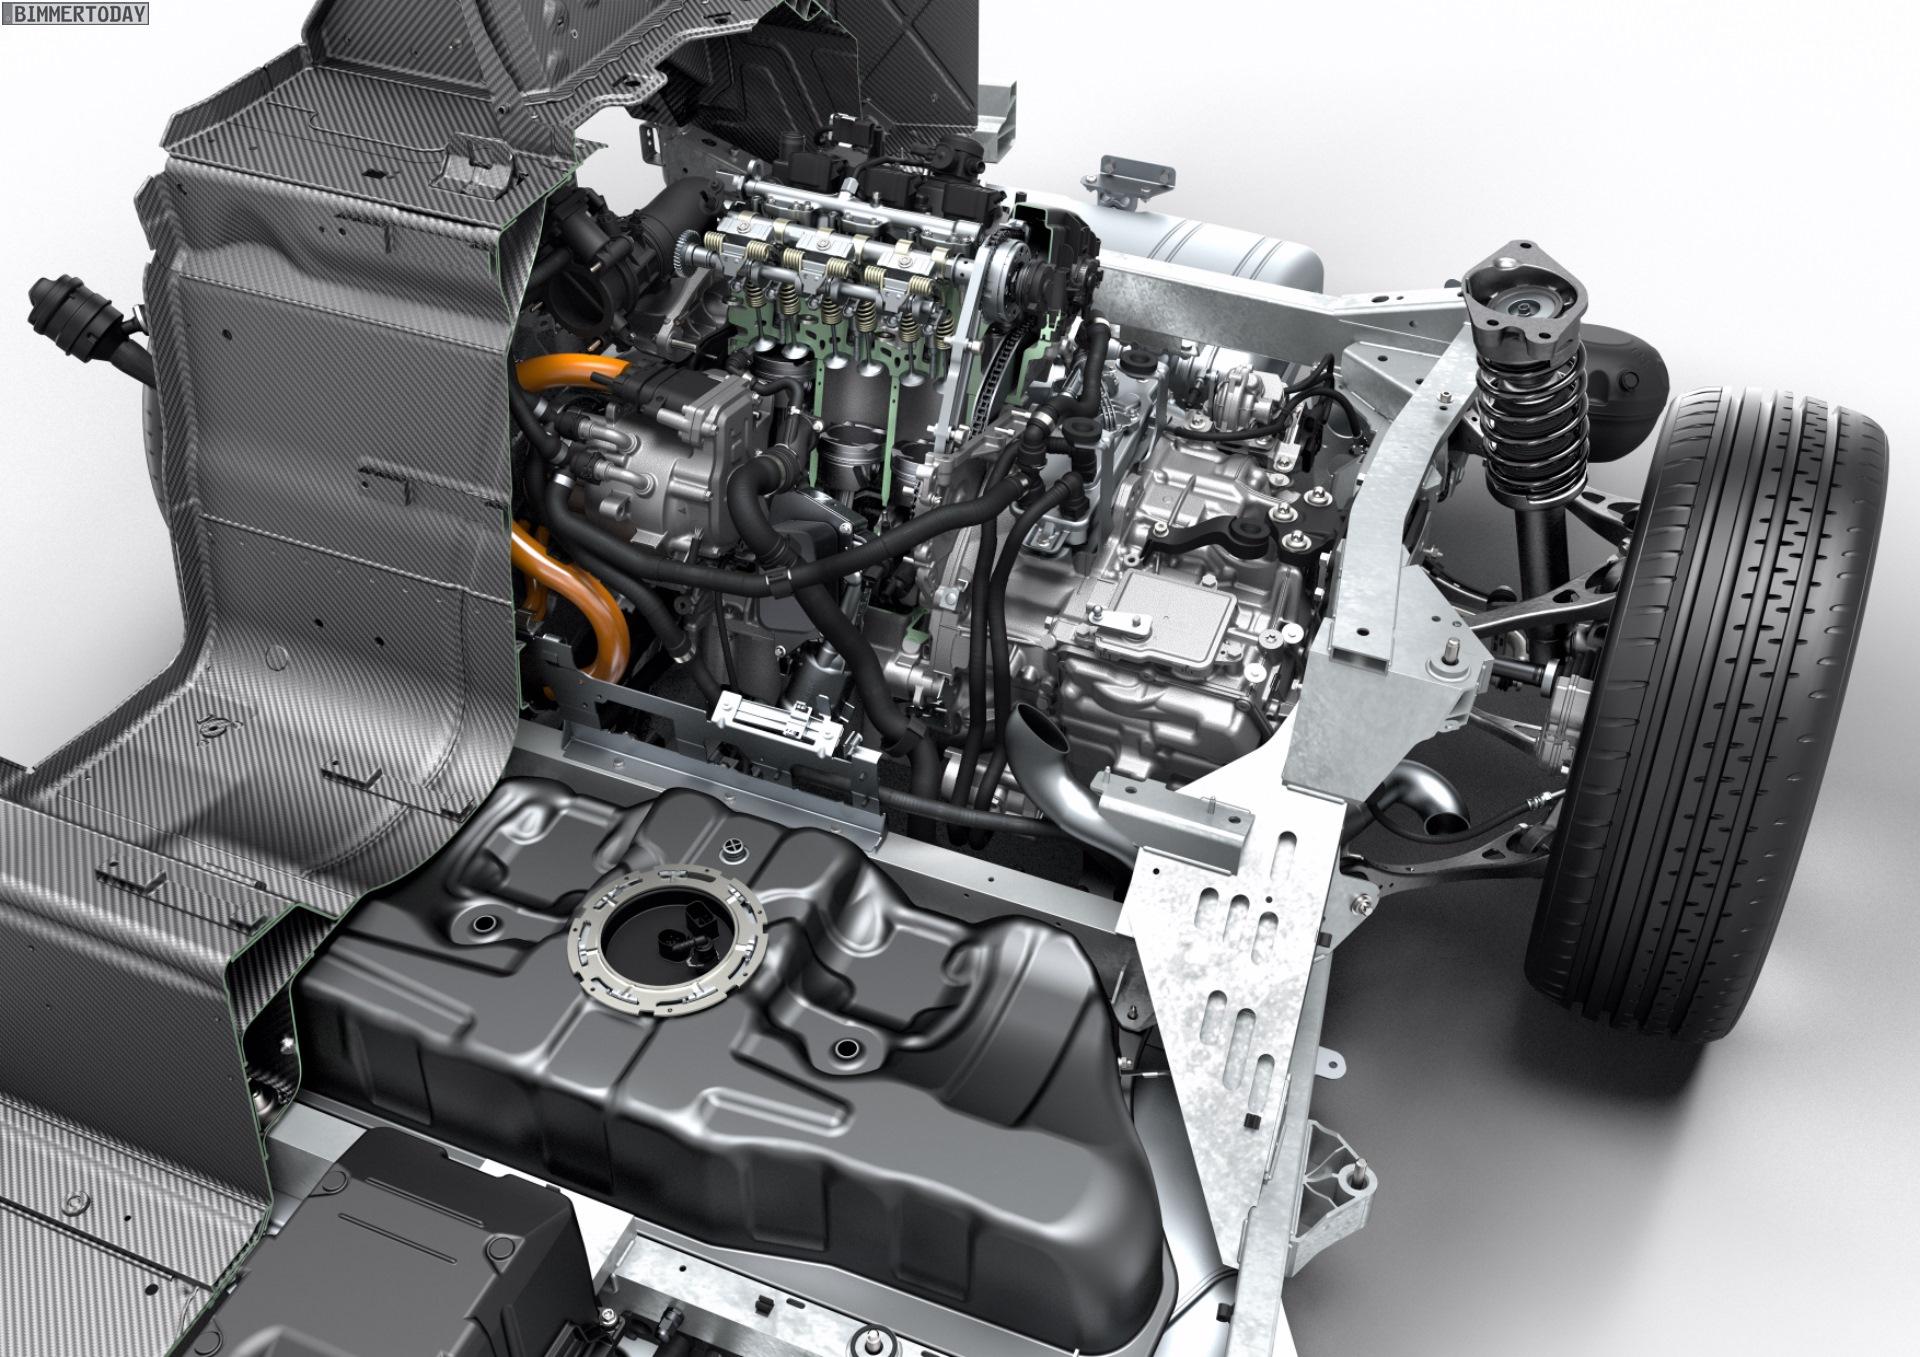 Engine Of The Year Awards 2018 Bmw I8 Erneut Ausgezeichnet